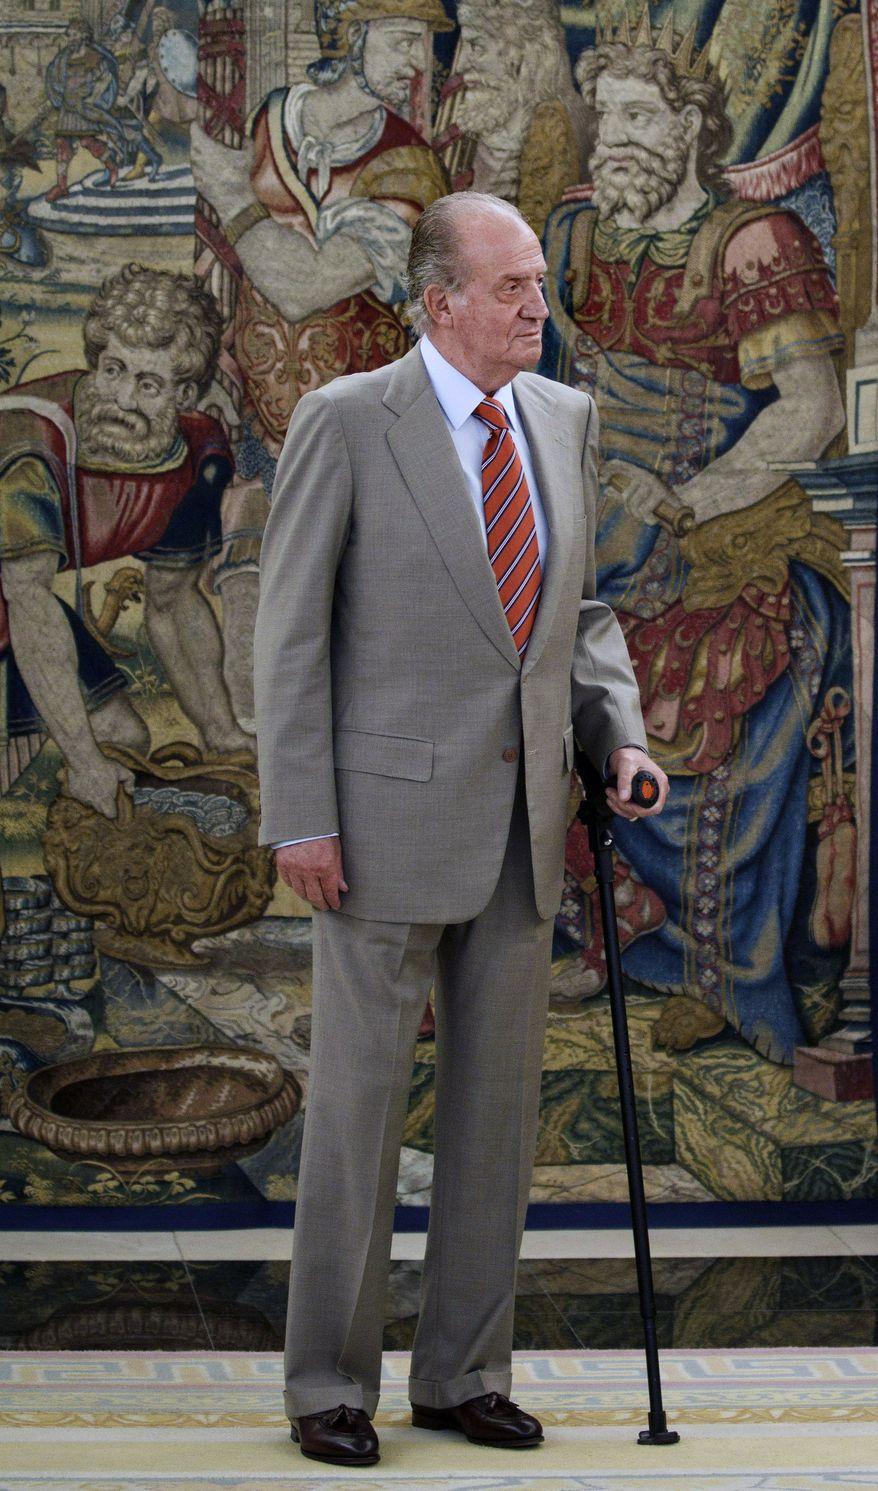 ** FILE ** King Juan Carlos of Spain (AP Photo/Daniel Ochoa de Olza)